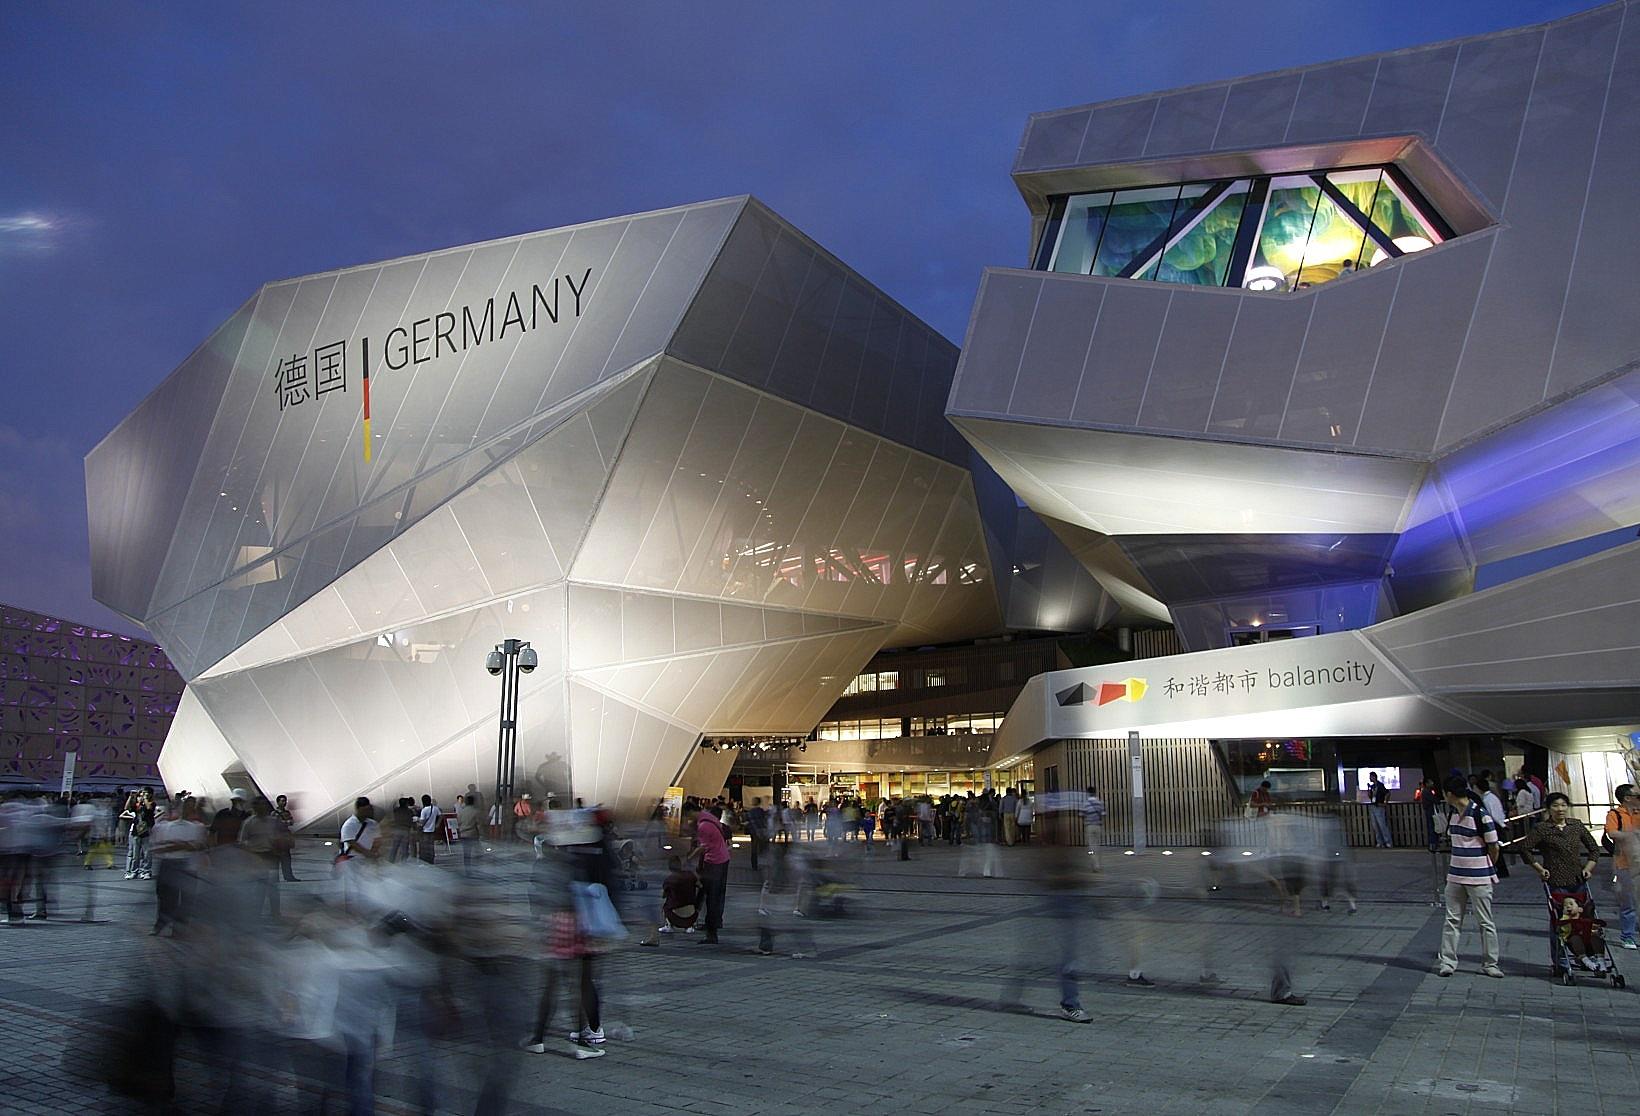 Beamer gross  eur erco expo shanghai 2010 german pavilion solut 1 20